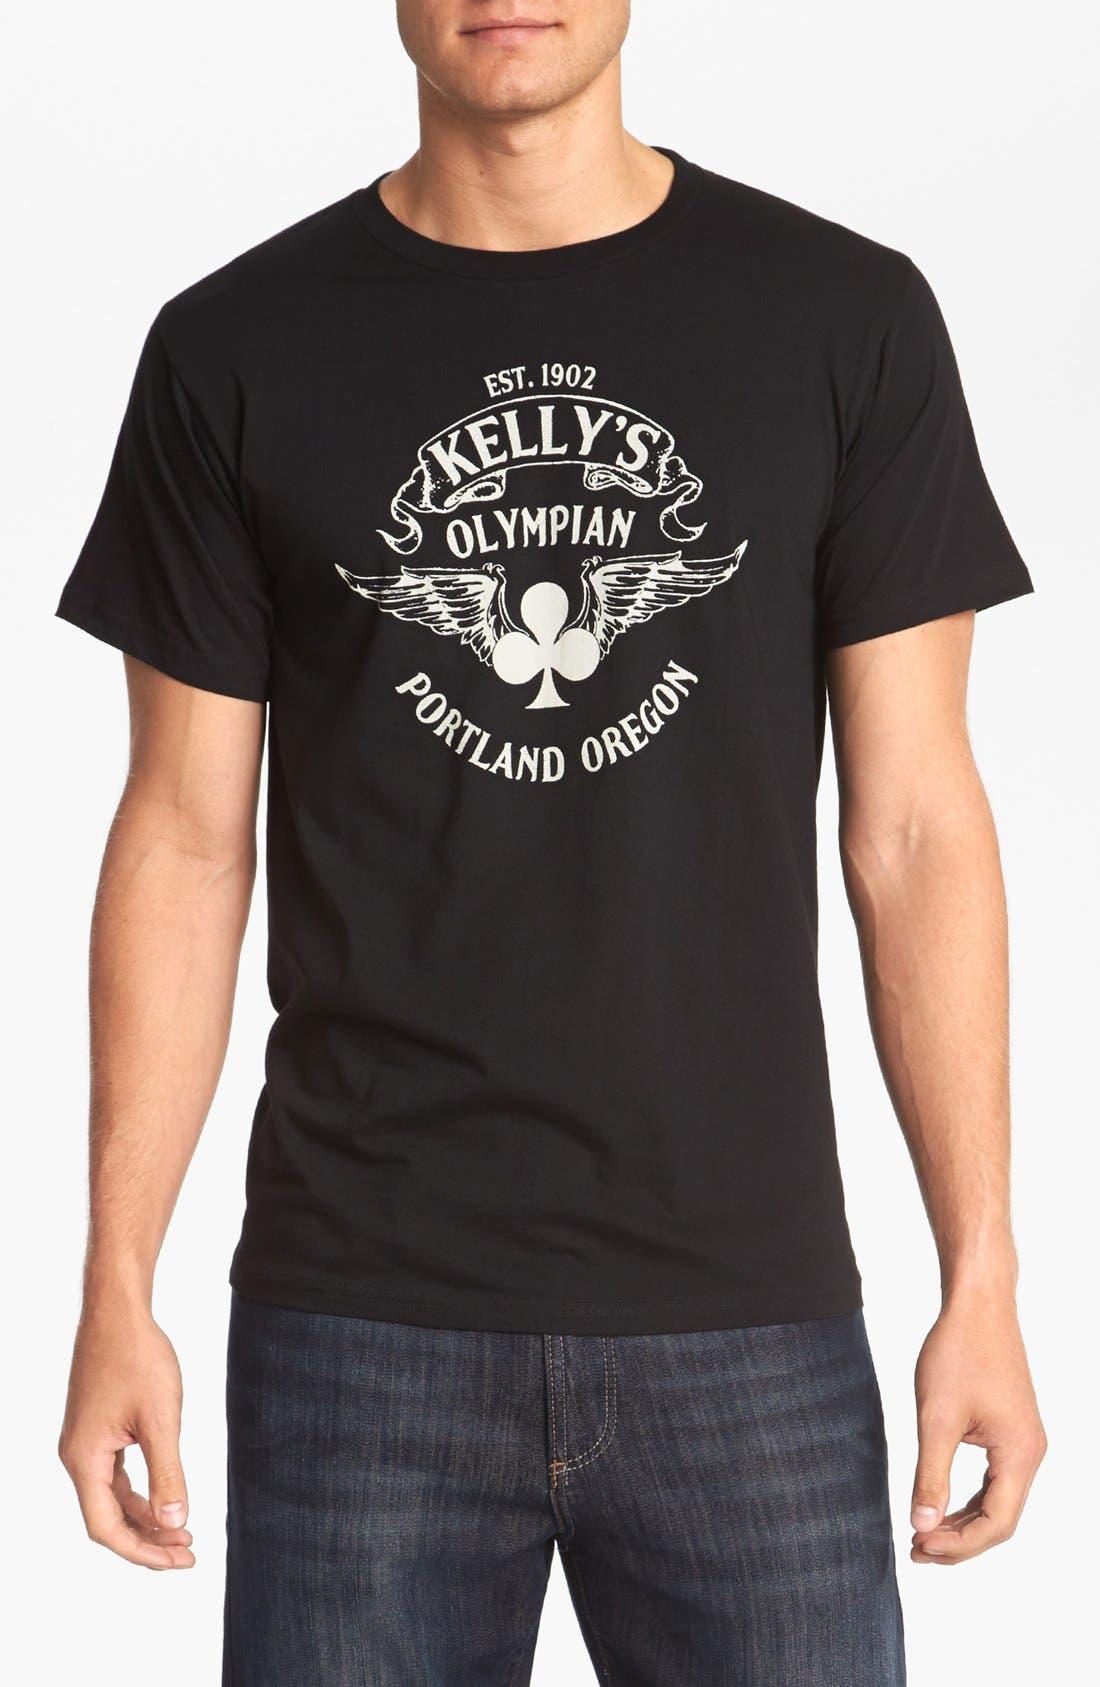 HORSES CUT SHOP,                             'Kelly's Olympian' T-Shirt,                             Main thumbnail 1, color,                             001